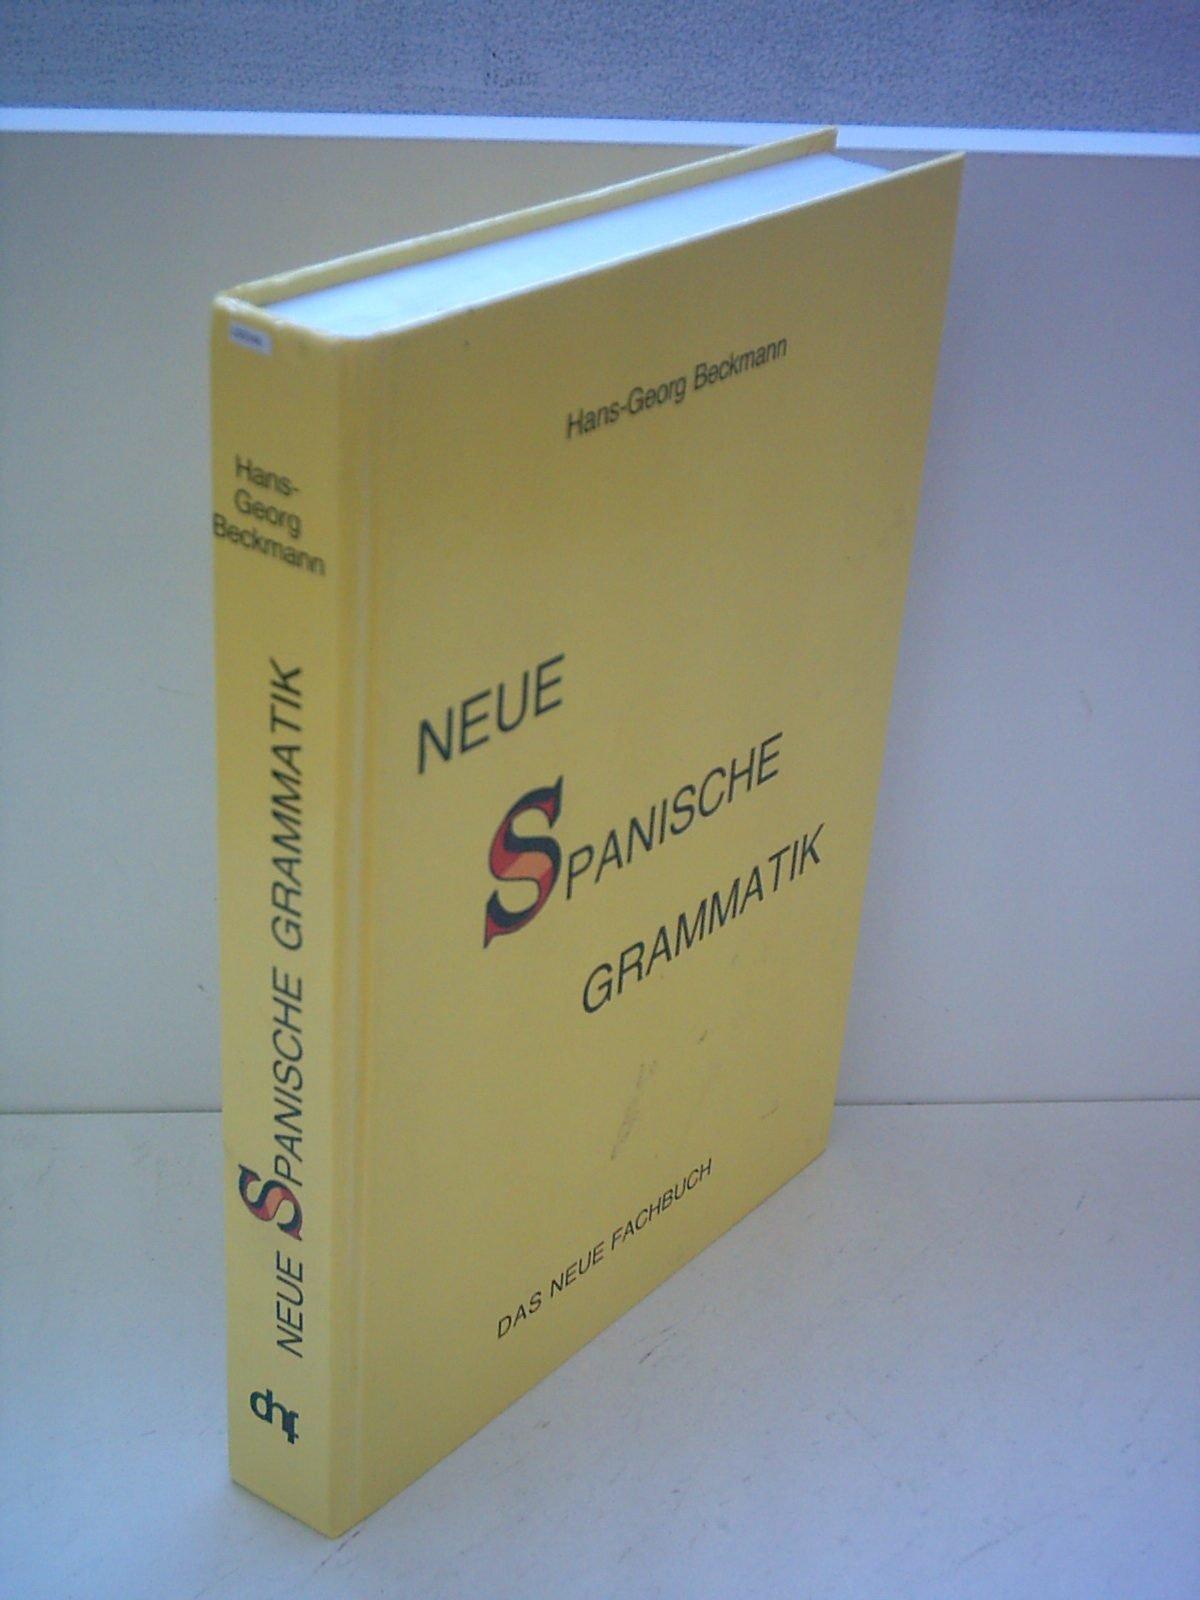 Neue Spanische Grammatik